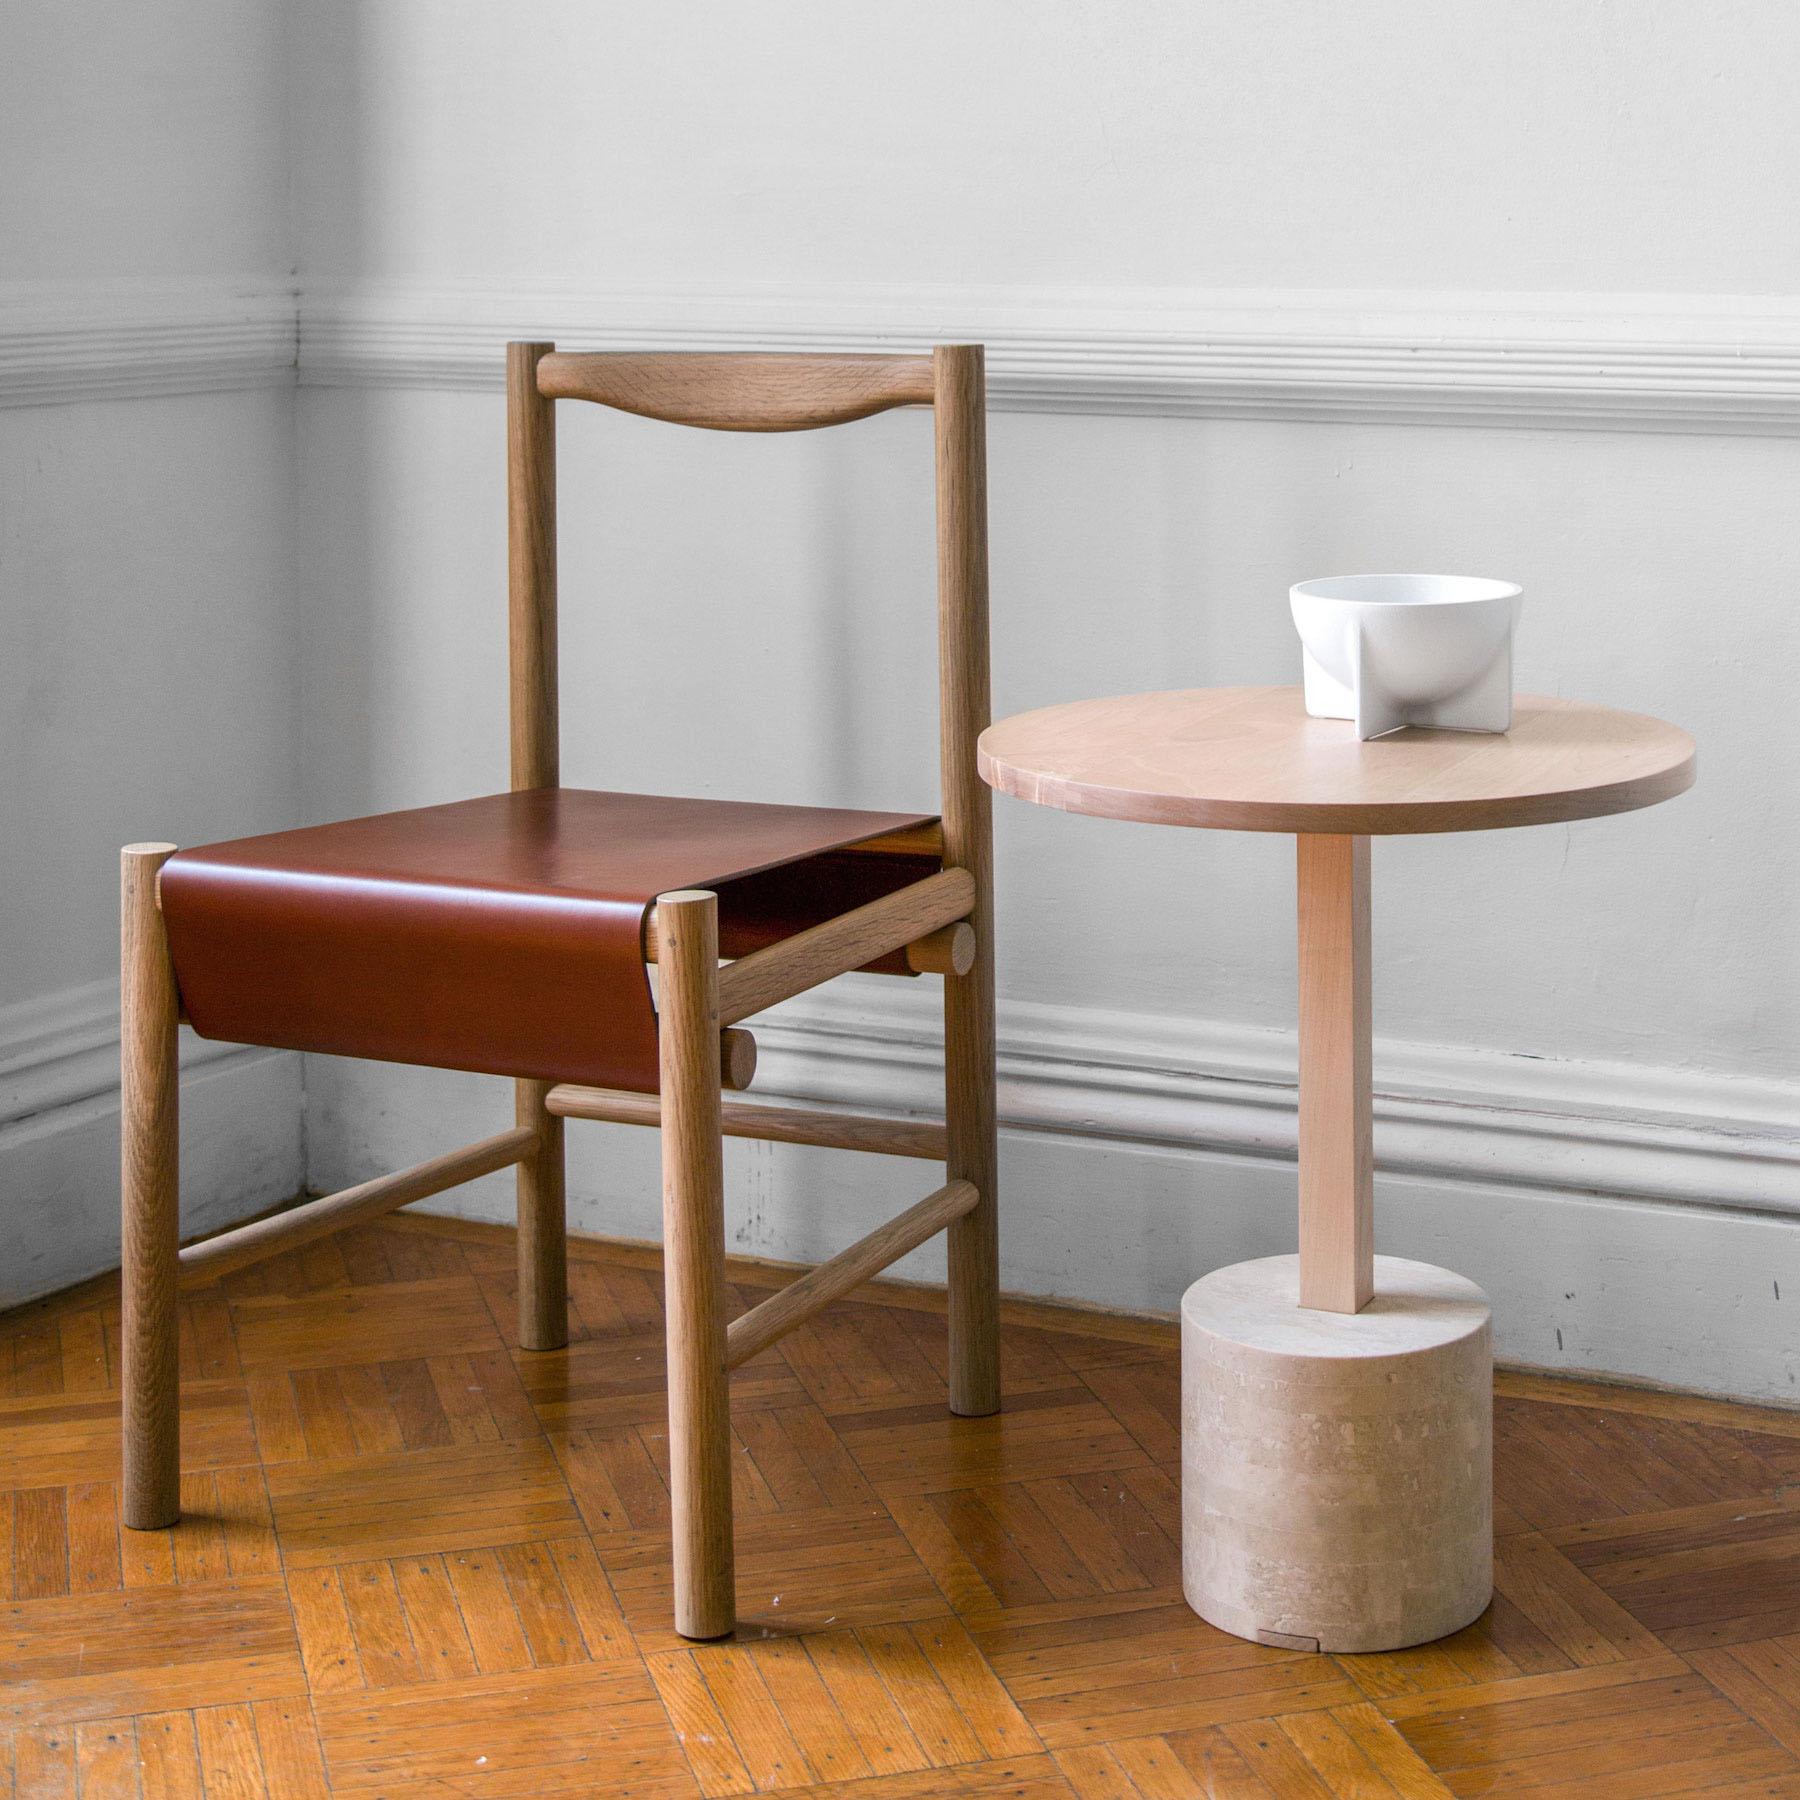 iGNANT-Design-Fort-Standard-03